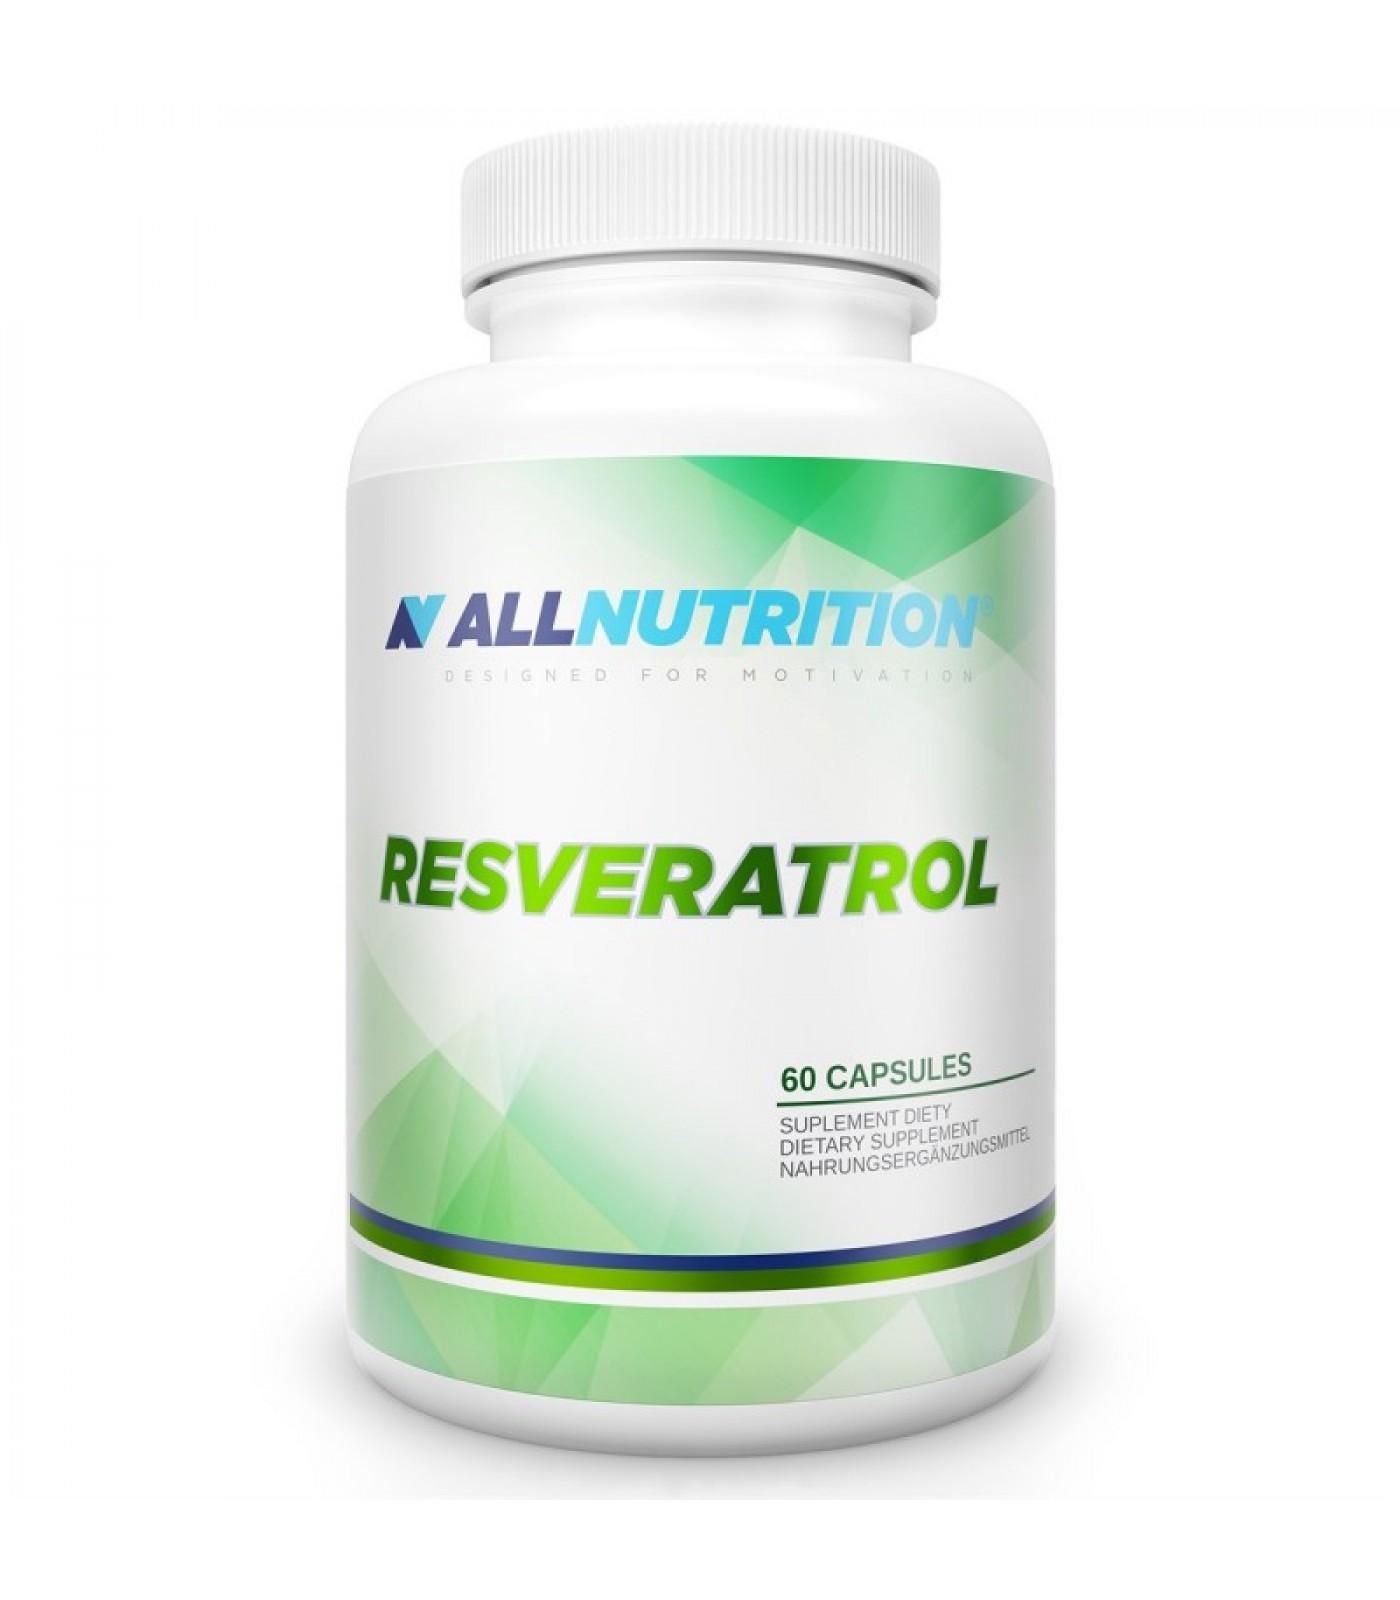 Allnutrition Resveratrol